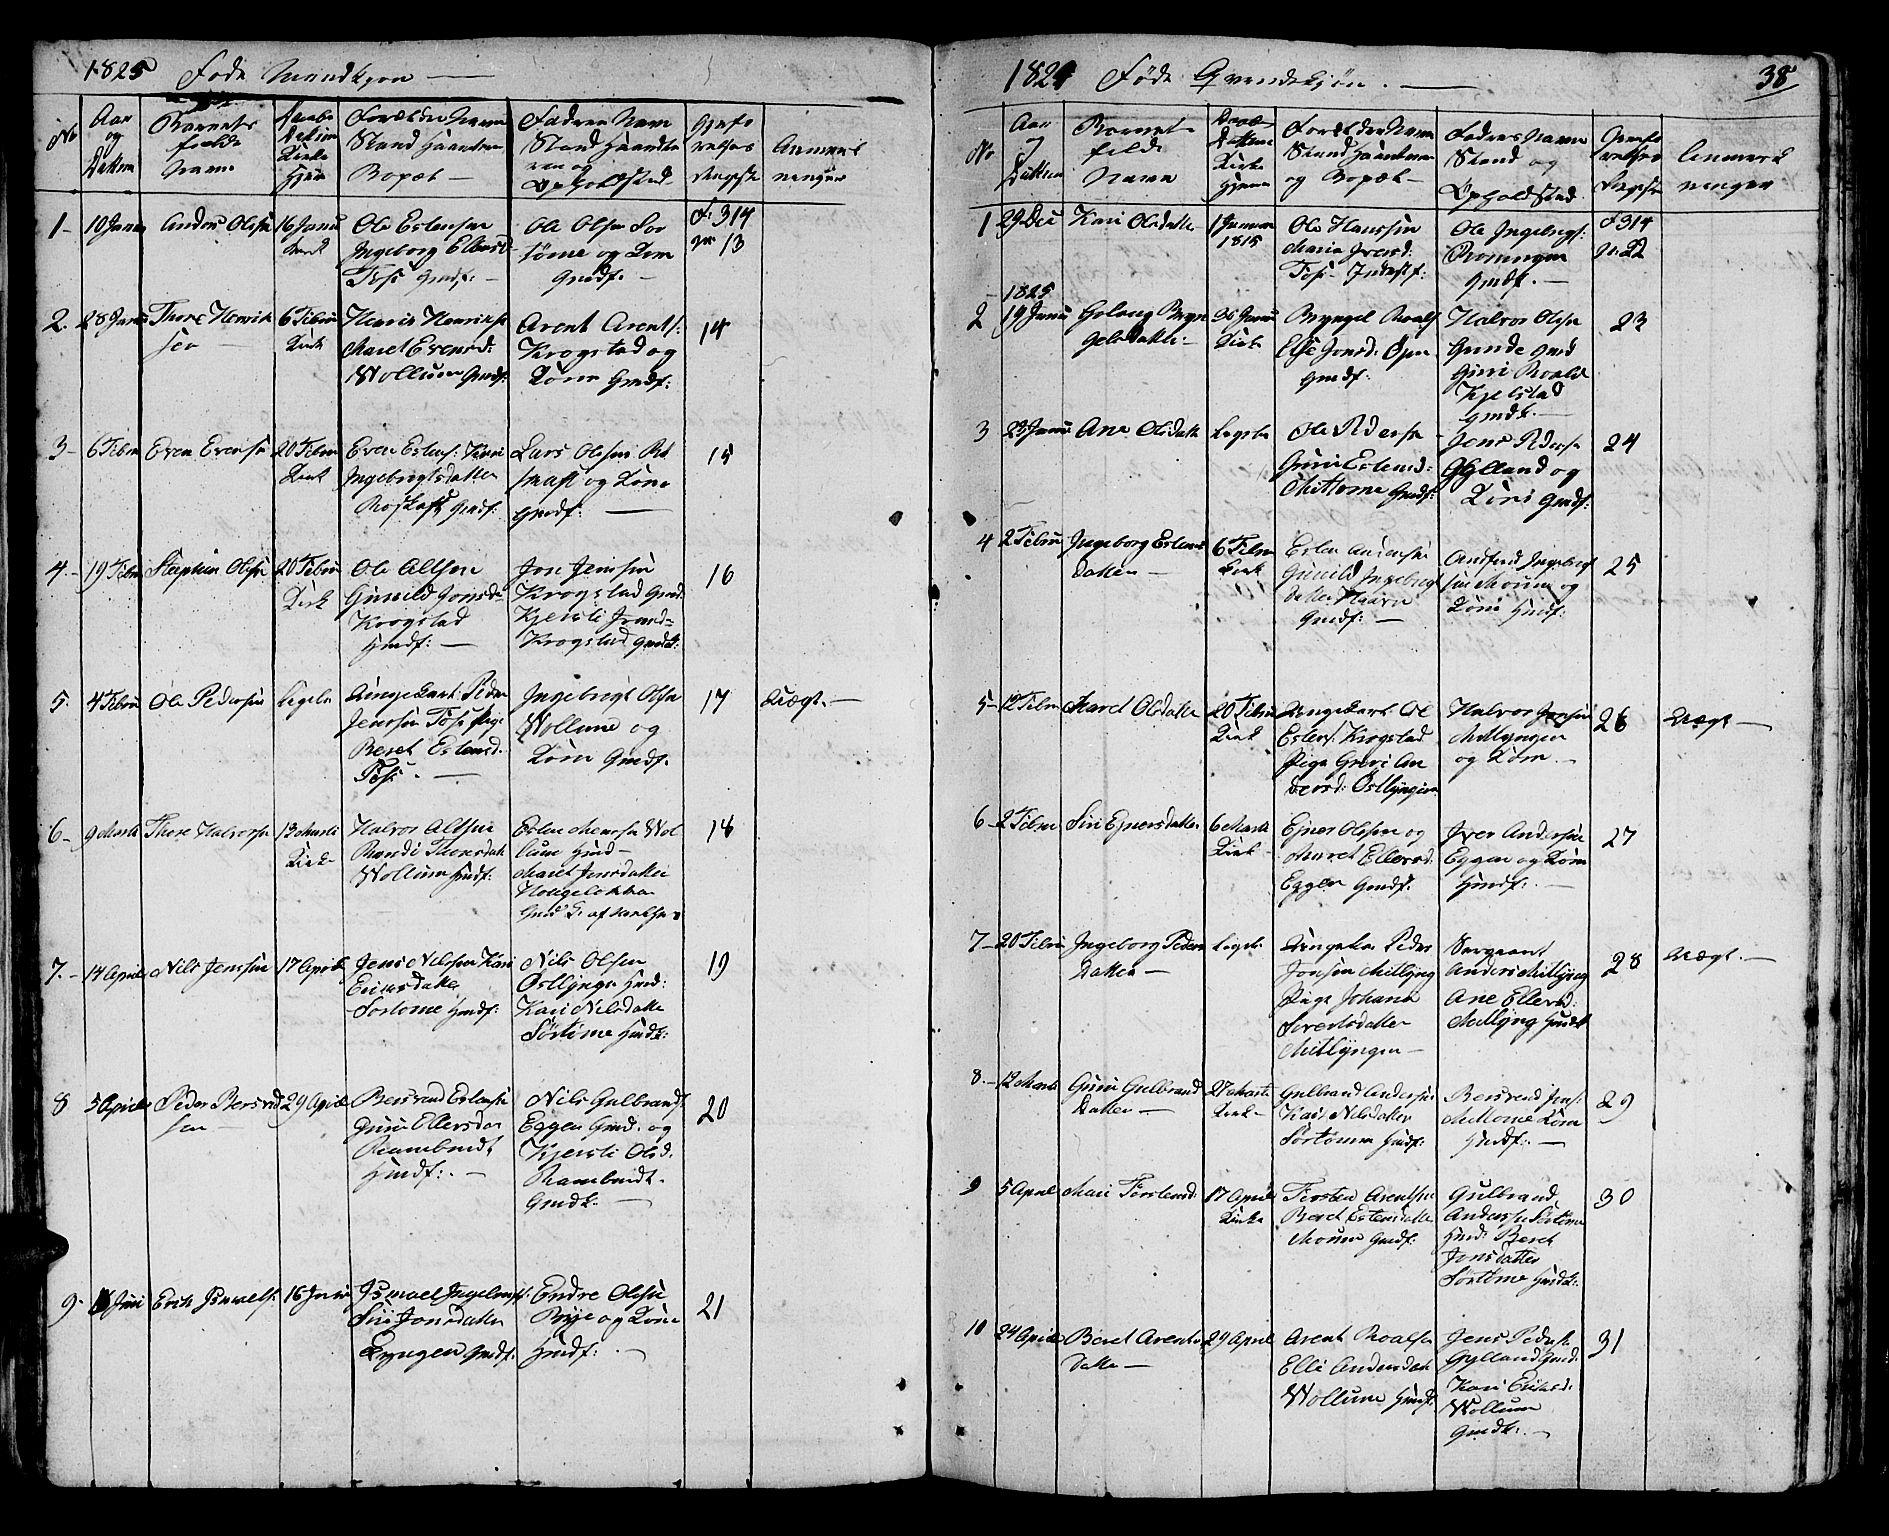 SAT, Ministerialprotokoller, klokkerbøker og fødselsregistre - Sør-Trøndelag, 692/L1108: Klokkerbok nr. 692C03, 1816-1833, s. 38